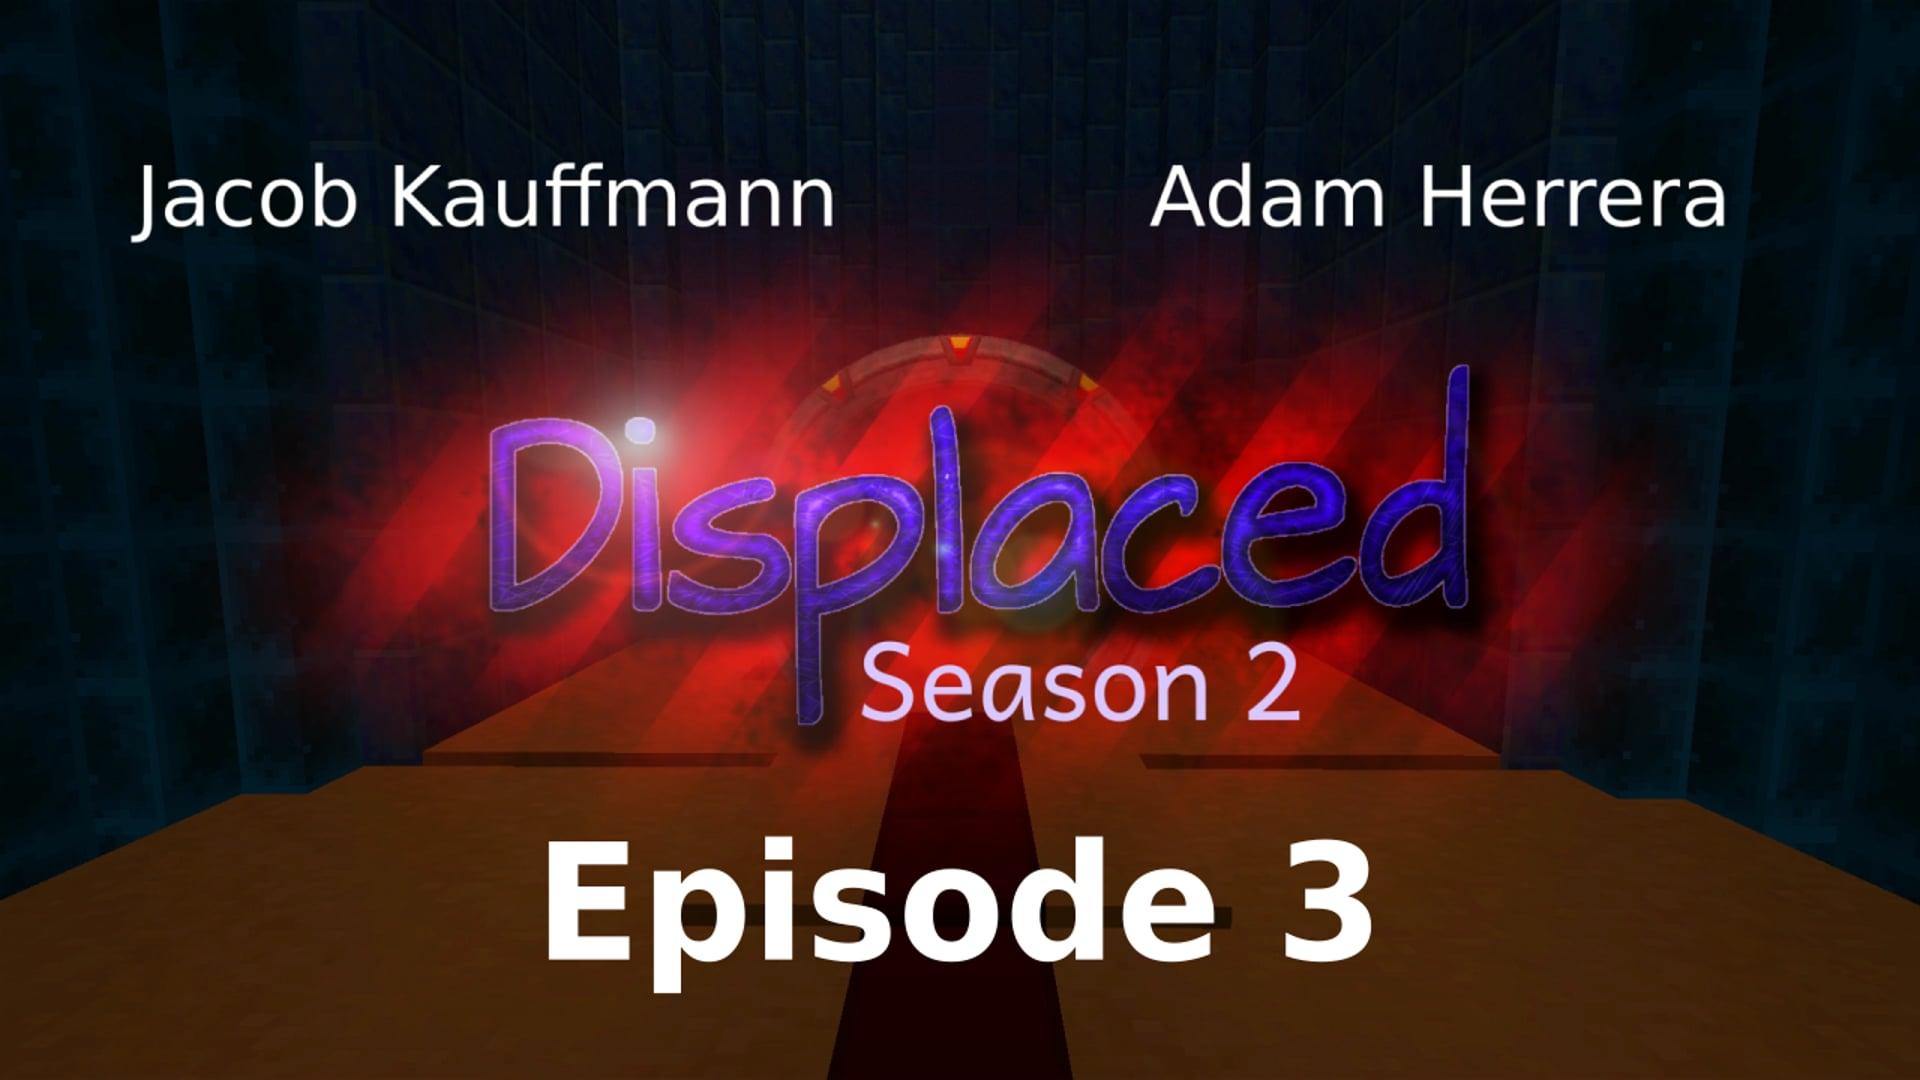 Episode 3 - Displaced: Season 2